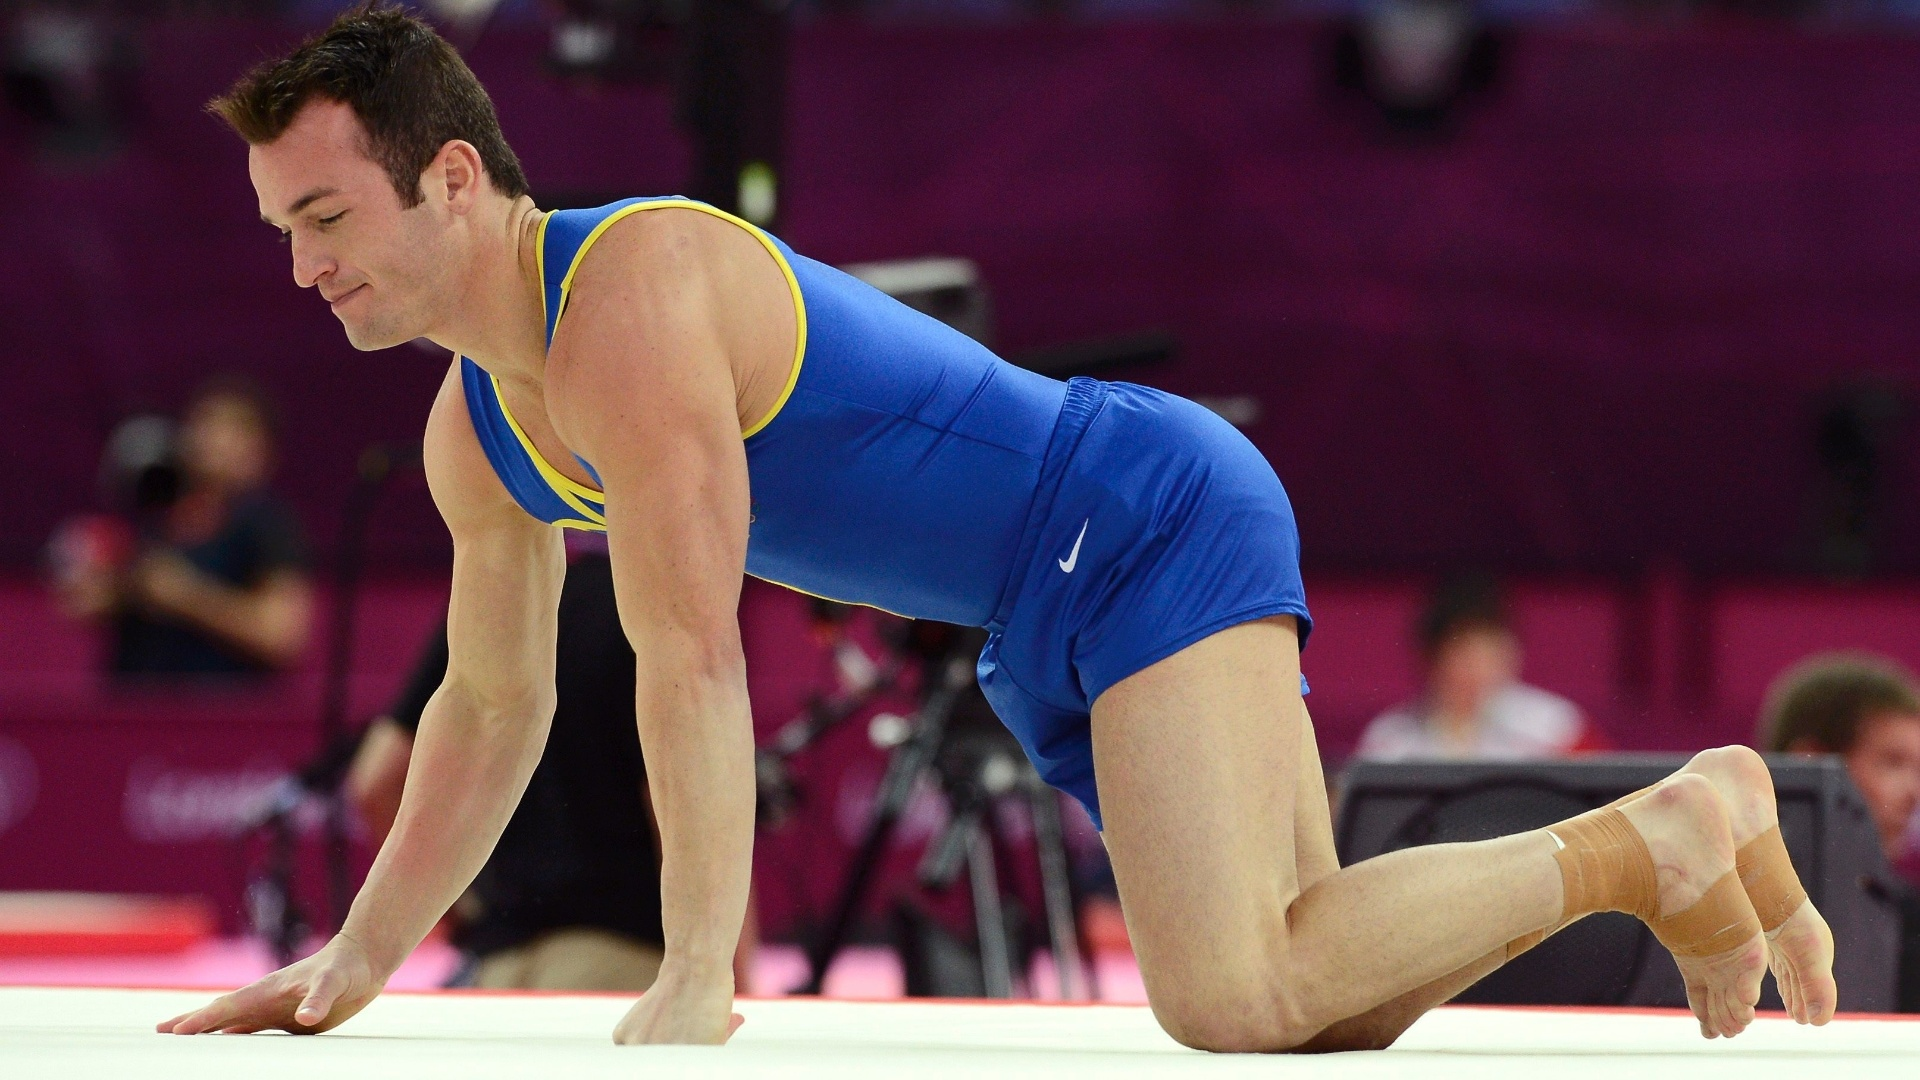 Diego Hypolito caiu ao fazer sua segunda acrobacia no solo nas eliminatórias da ginástica artística (28/07/2012)